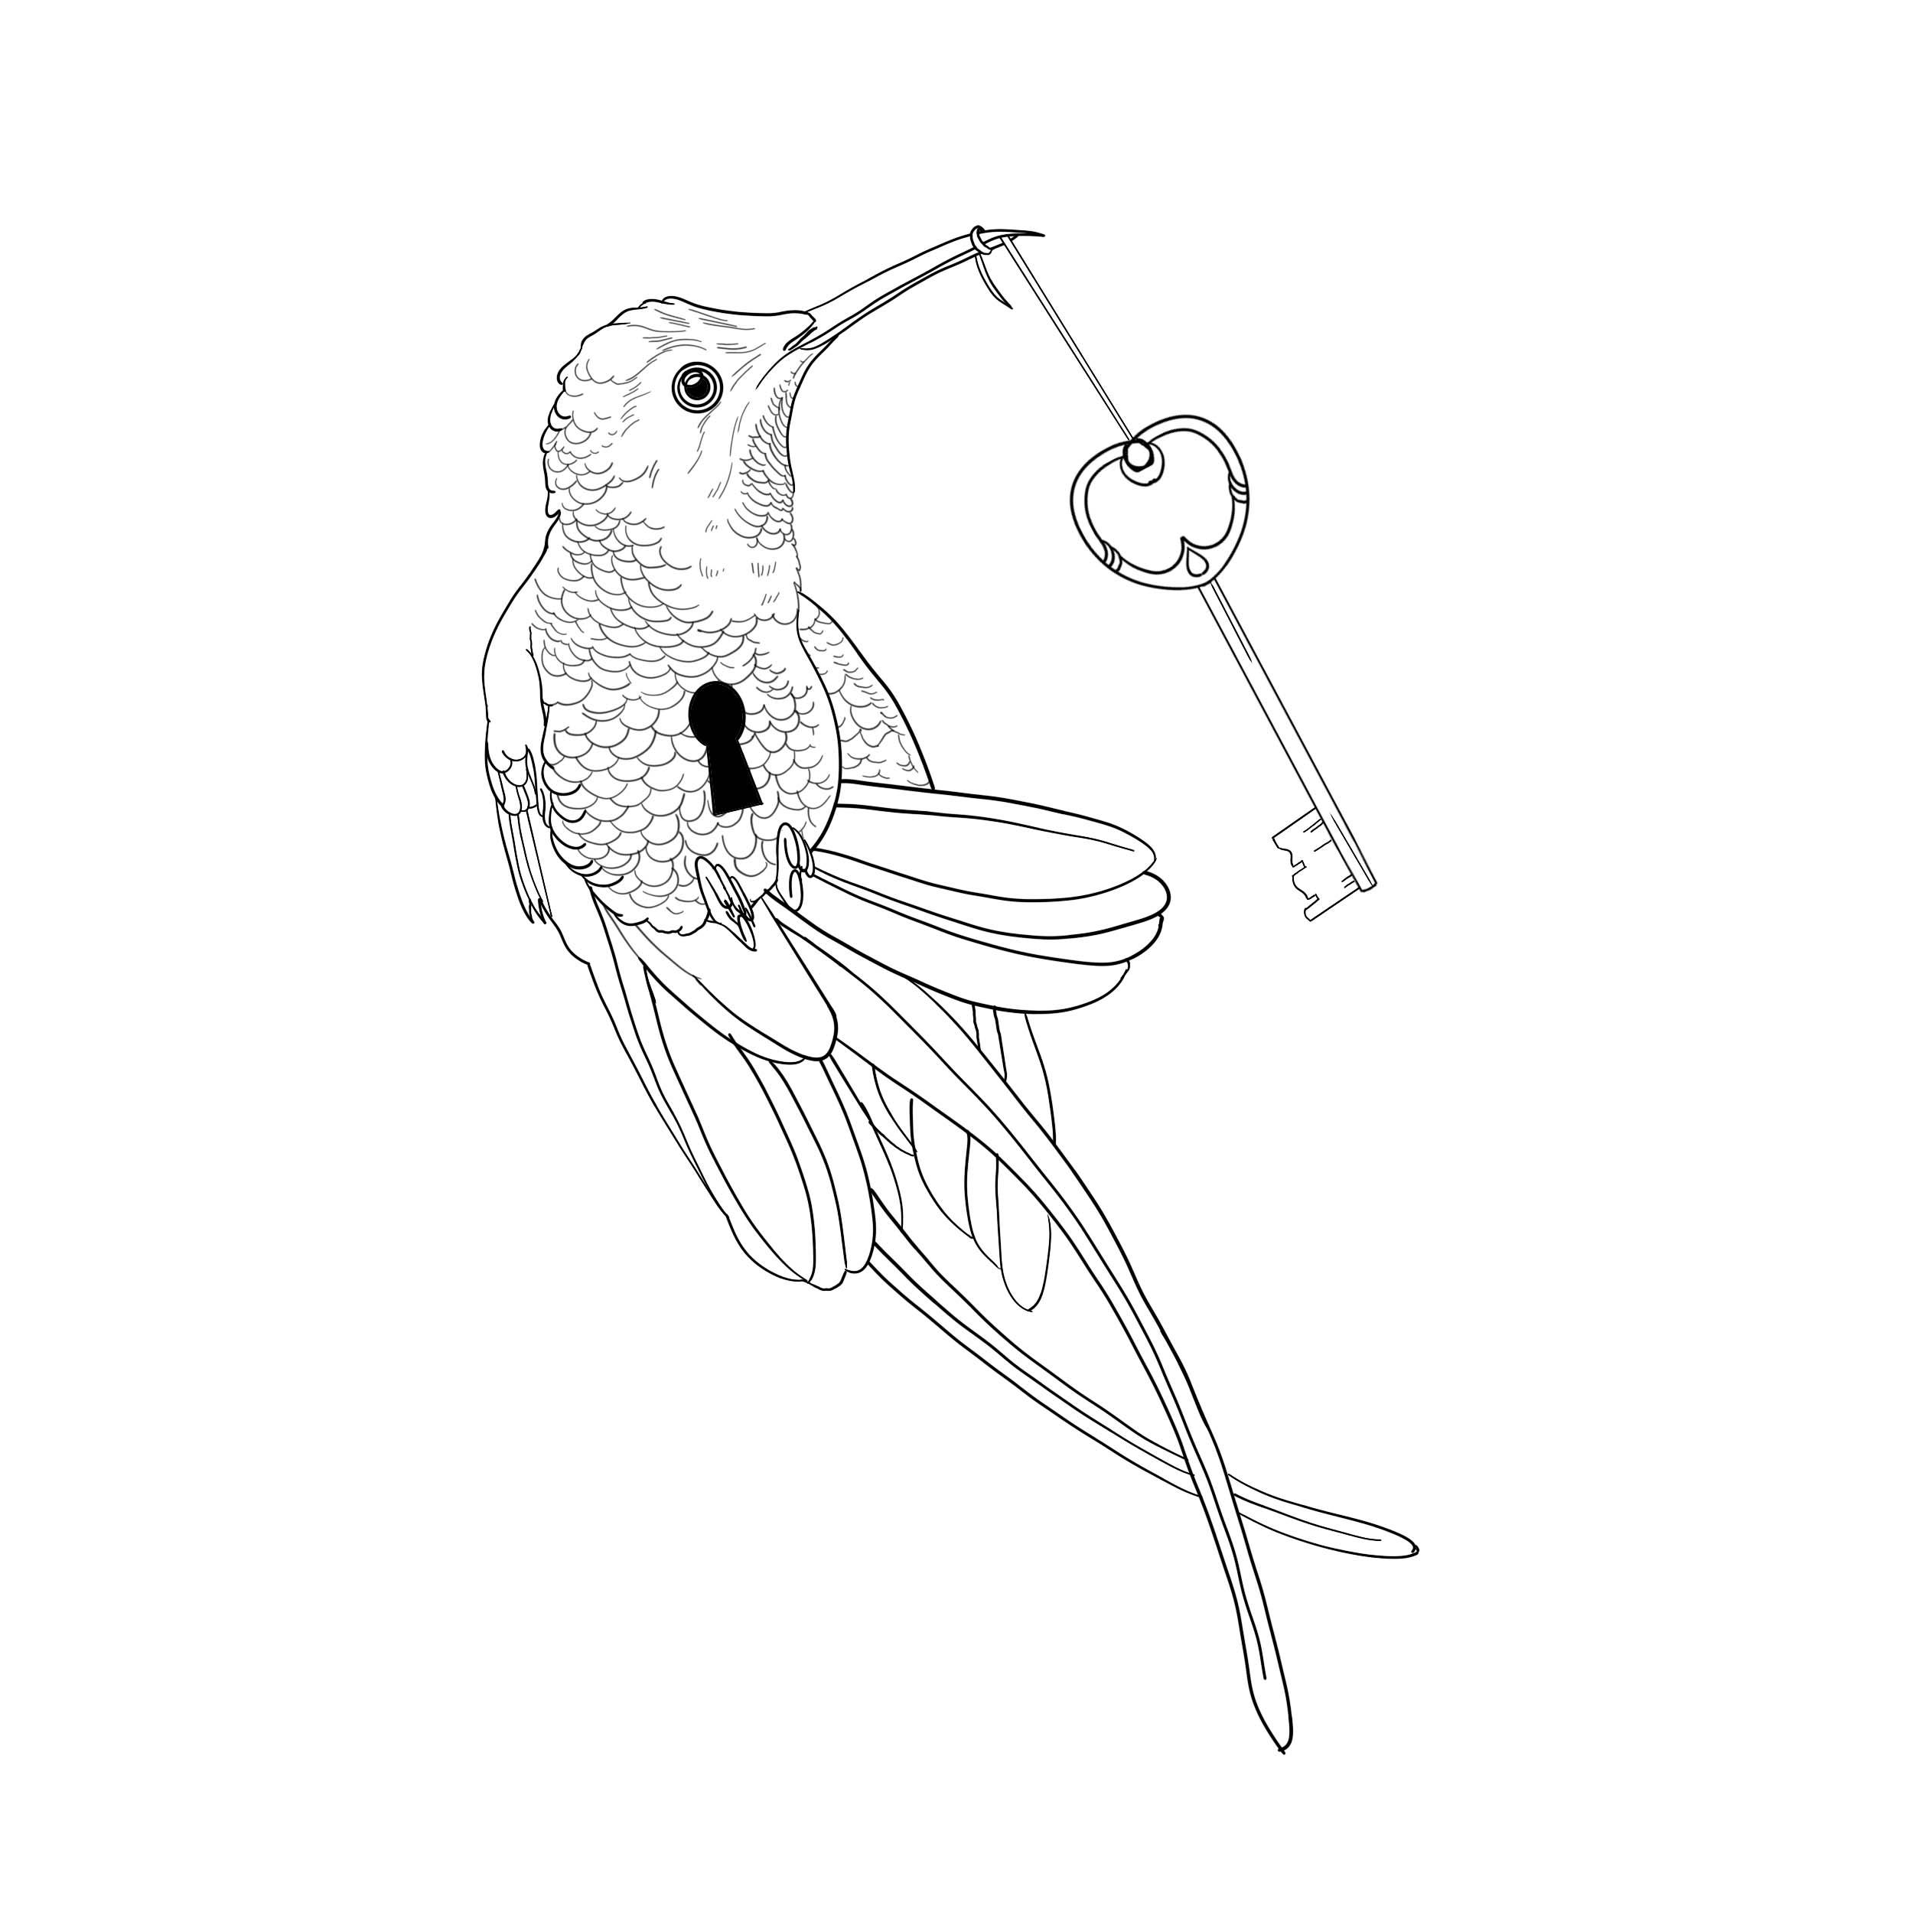 colibrì chiave serratura